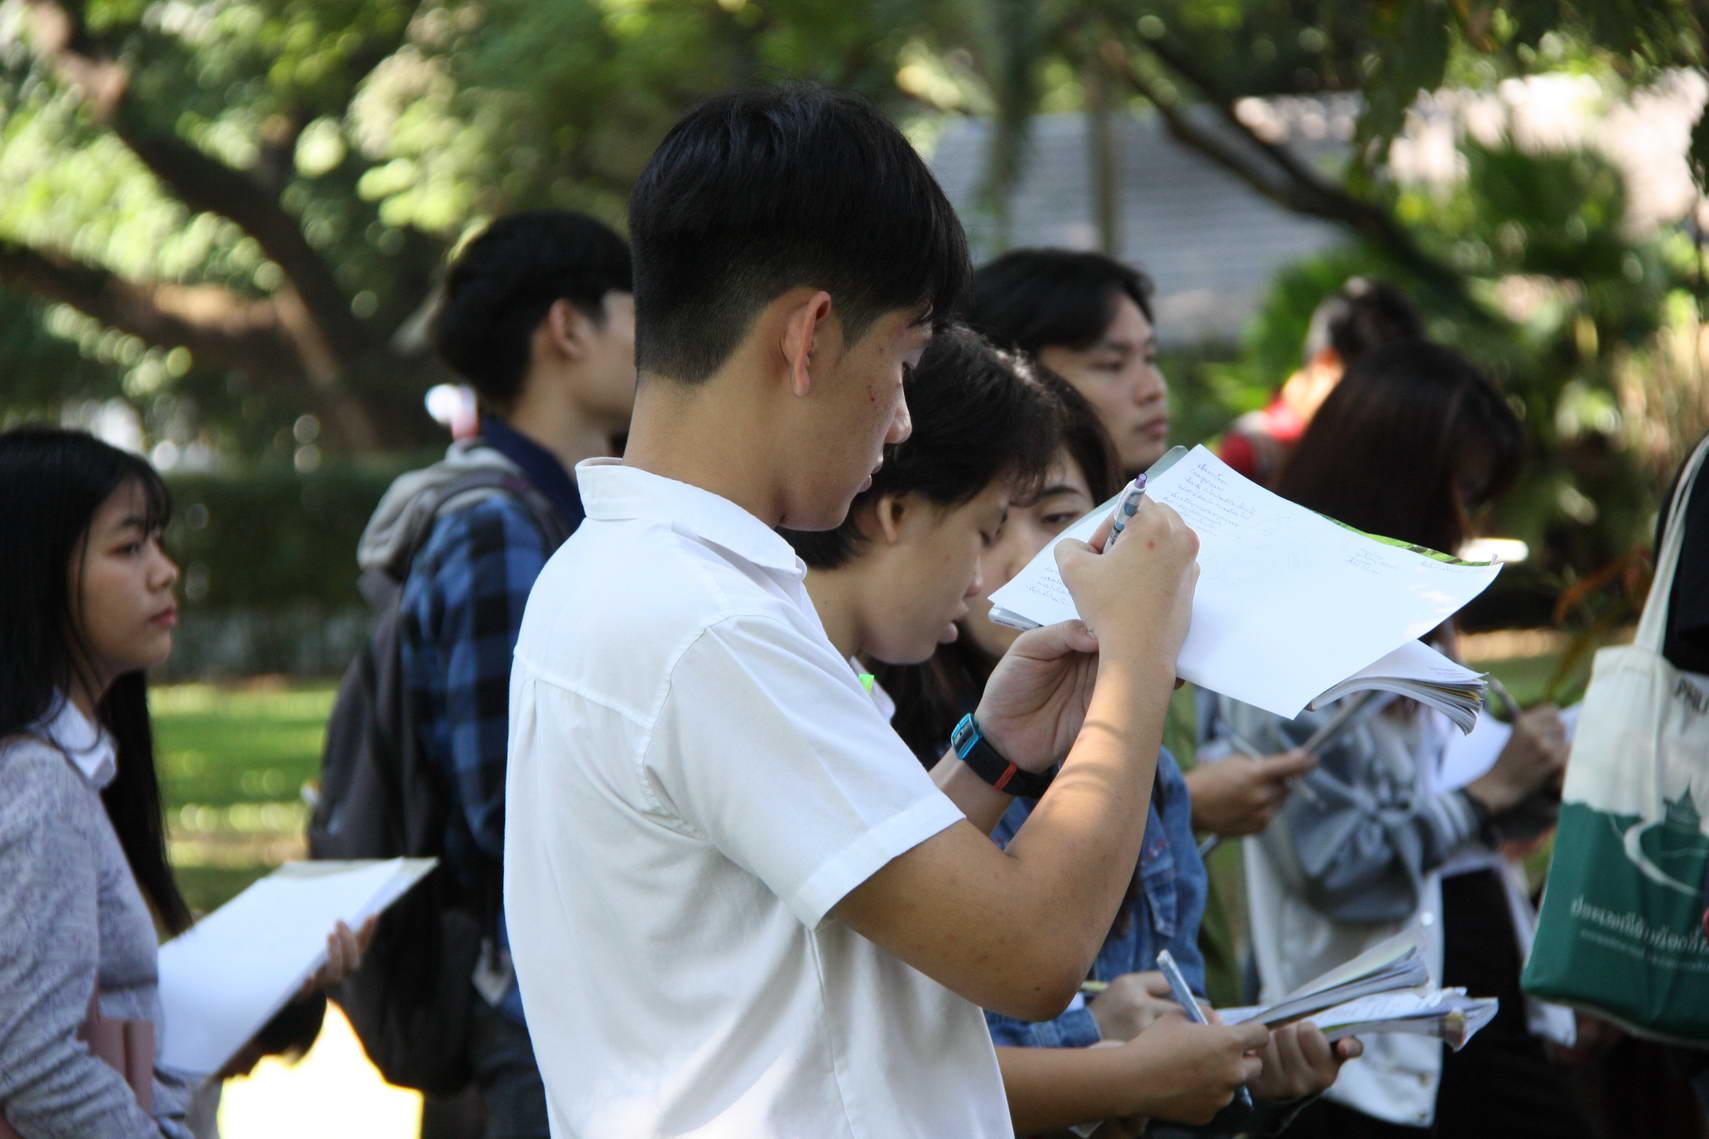 ให้การต้อนรับ อ.ดร.แผ่นดิน อุนจะนำ และนักศึกษาคณะสถาปัตยกรรมศาสตร์ มช.